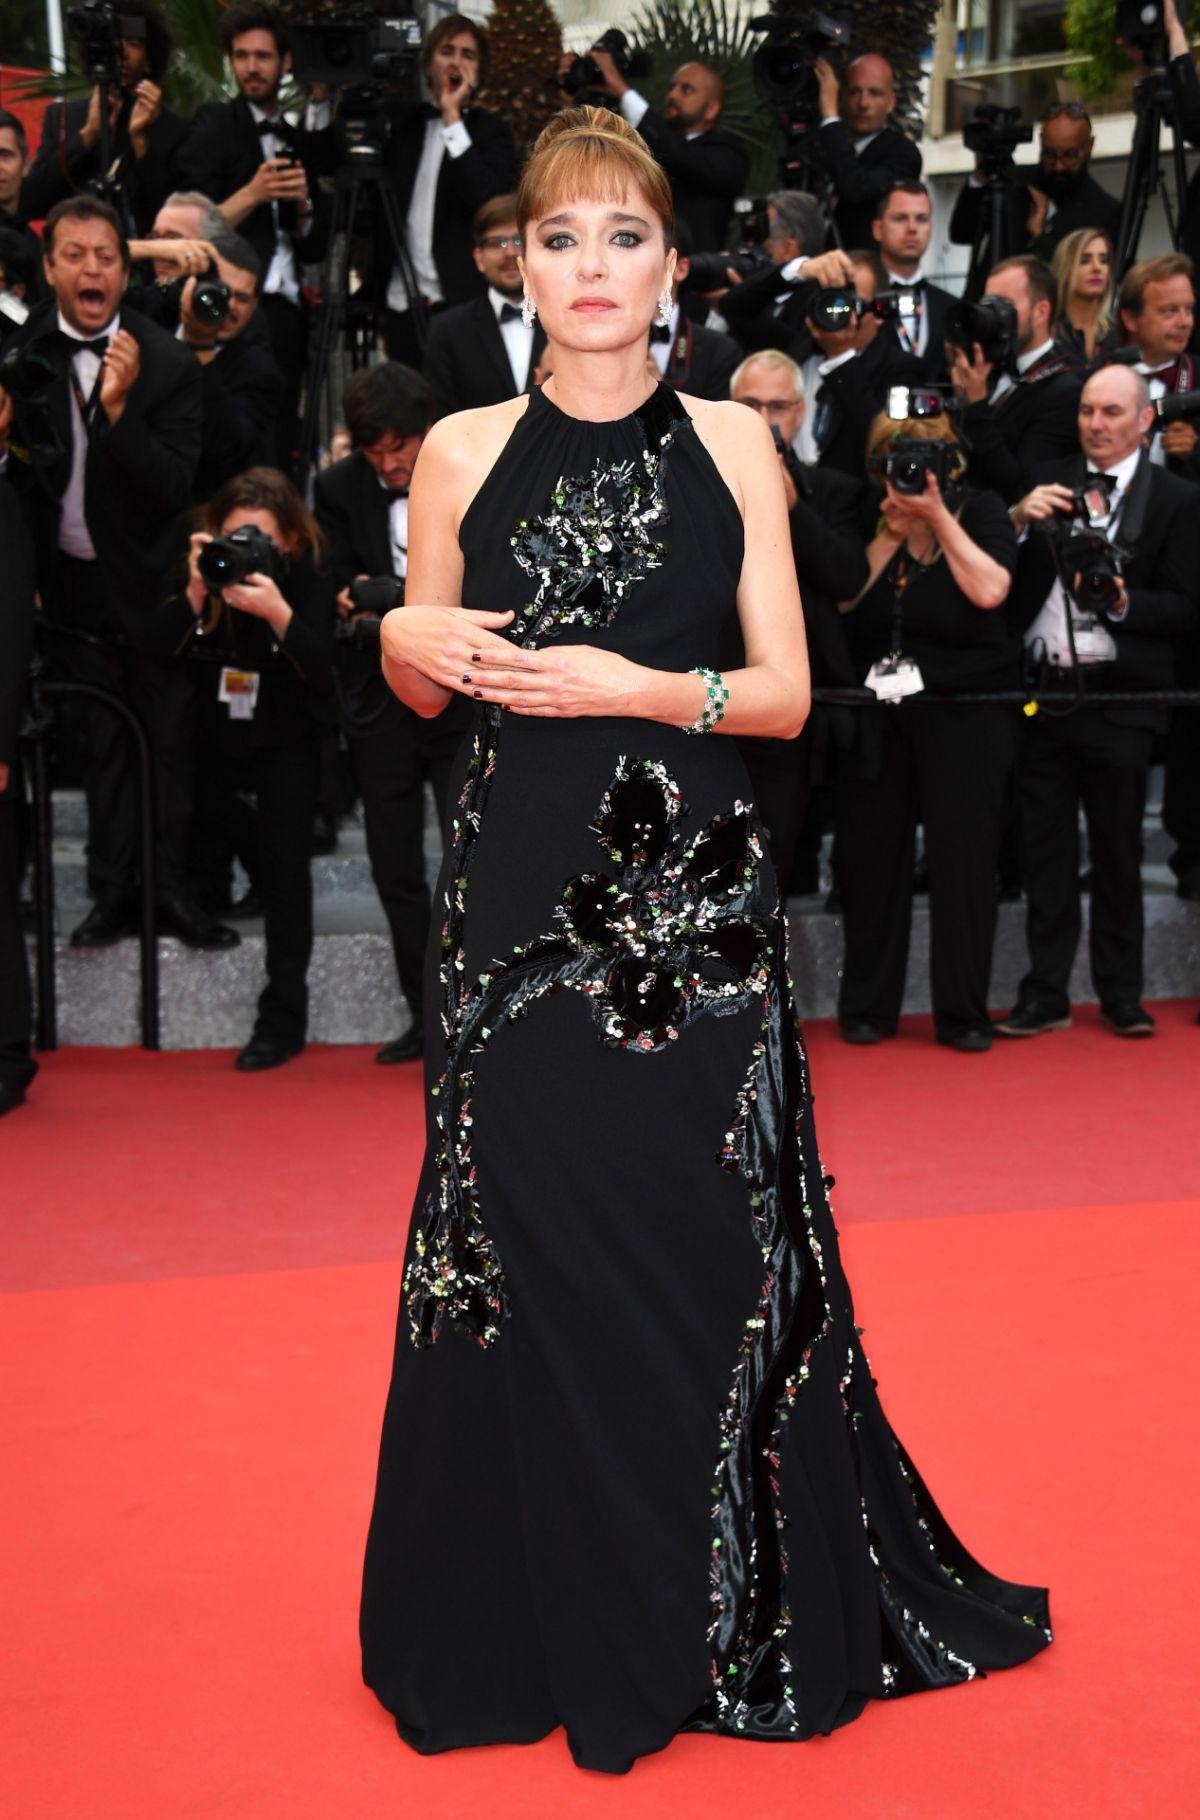 VALERIA GOLINO at 69th Annual Cannes Film Festival Closing